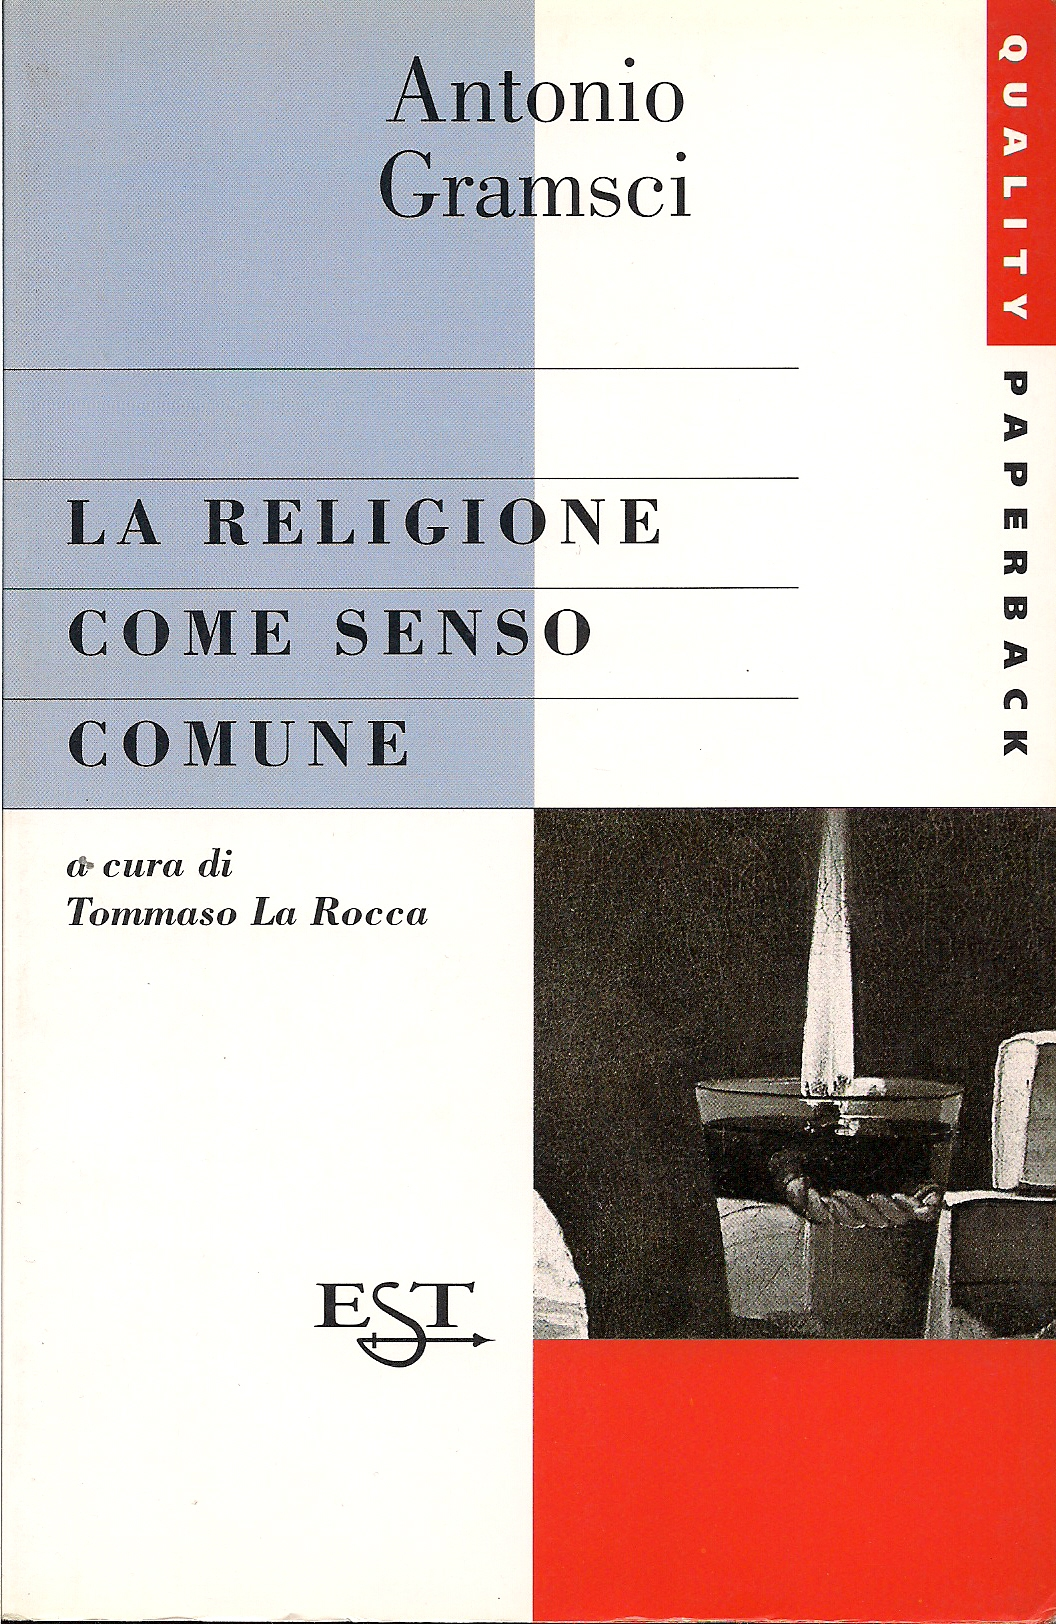 La religione come senso comune